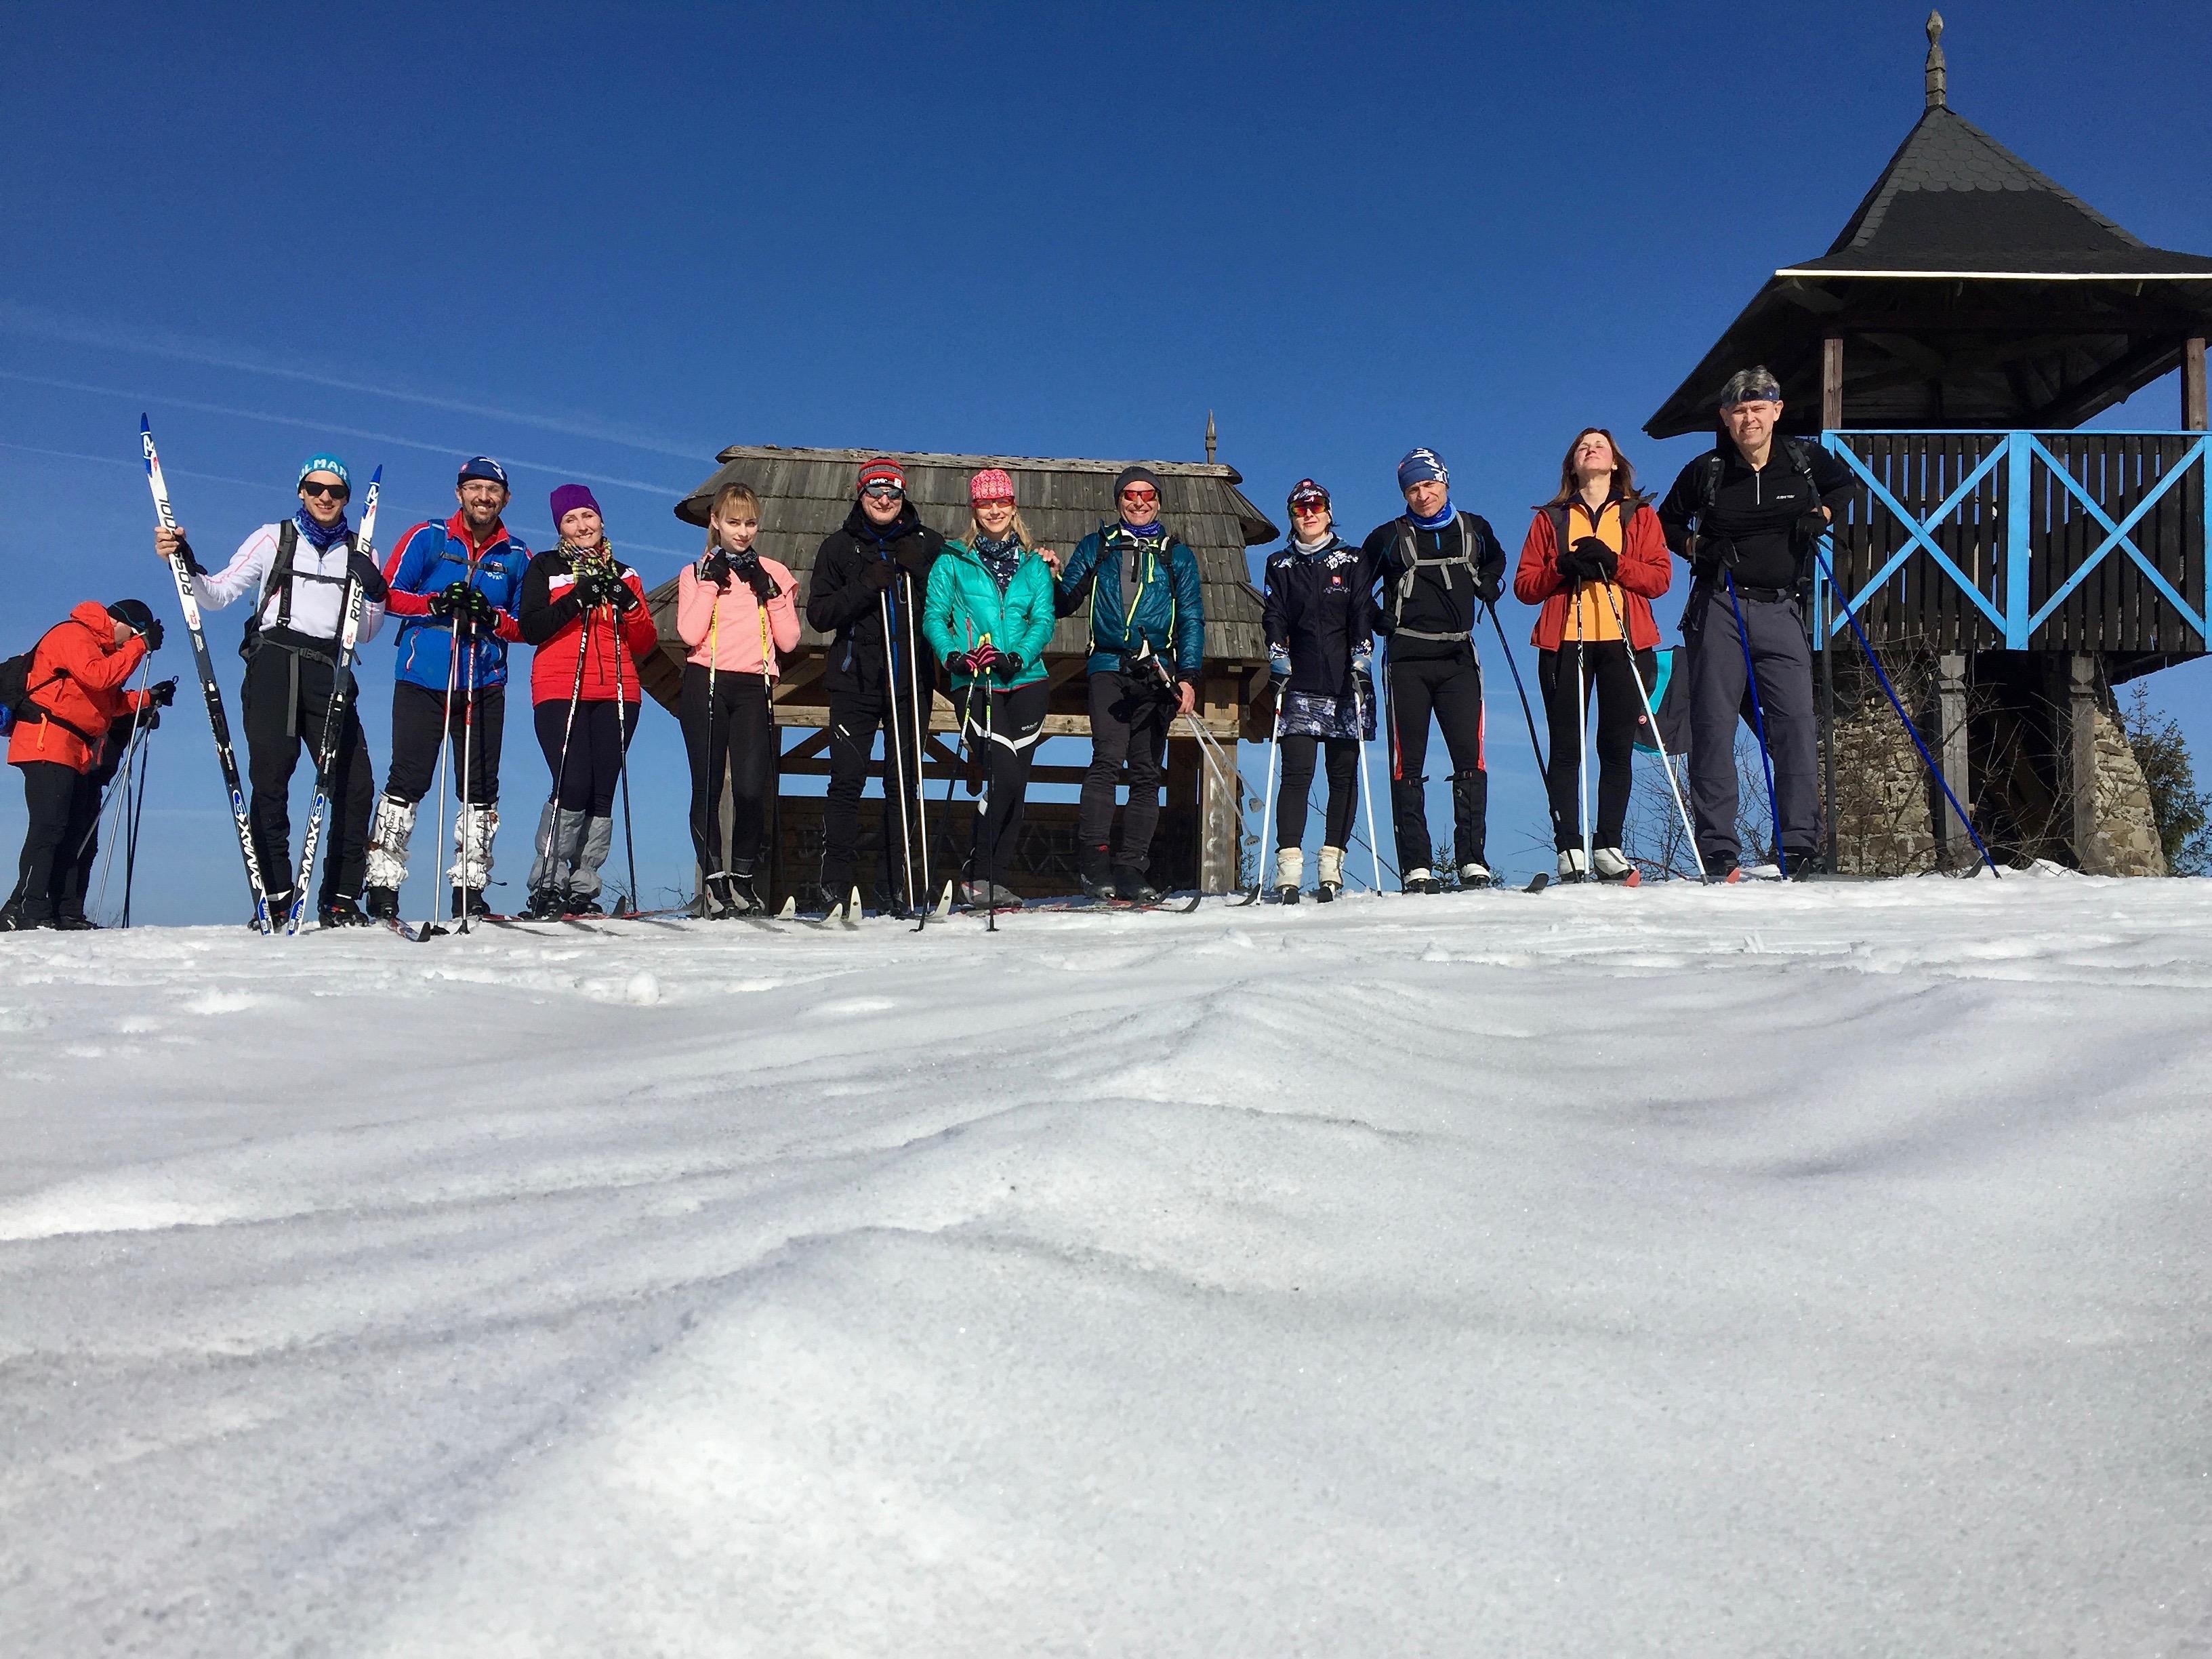 Zimný prechod lyžiarskou bežeckou magistrálou.